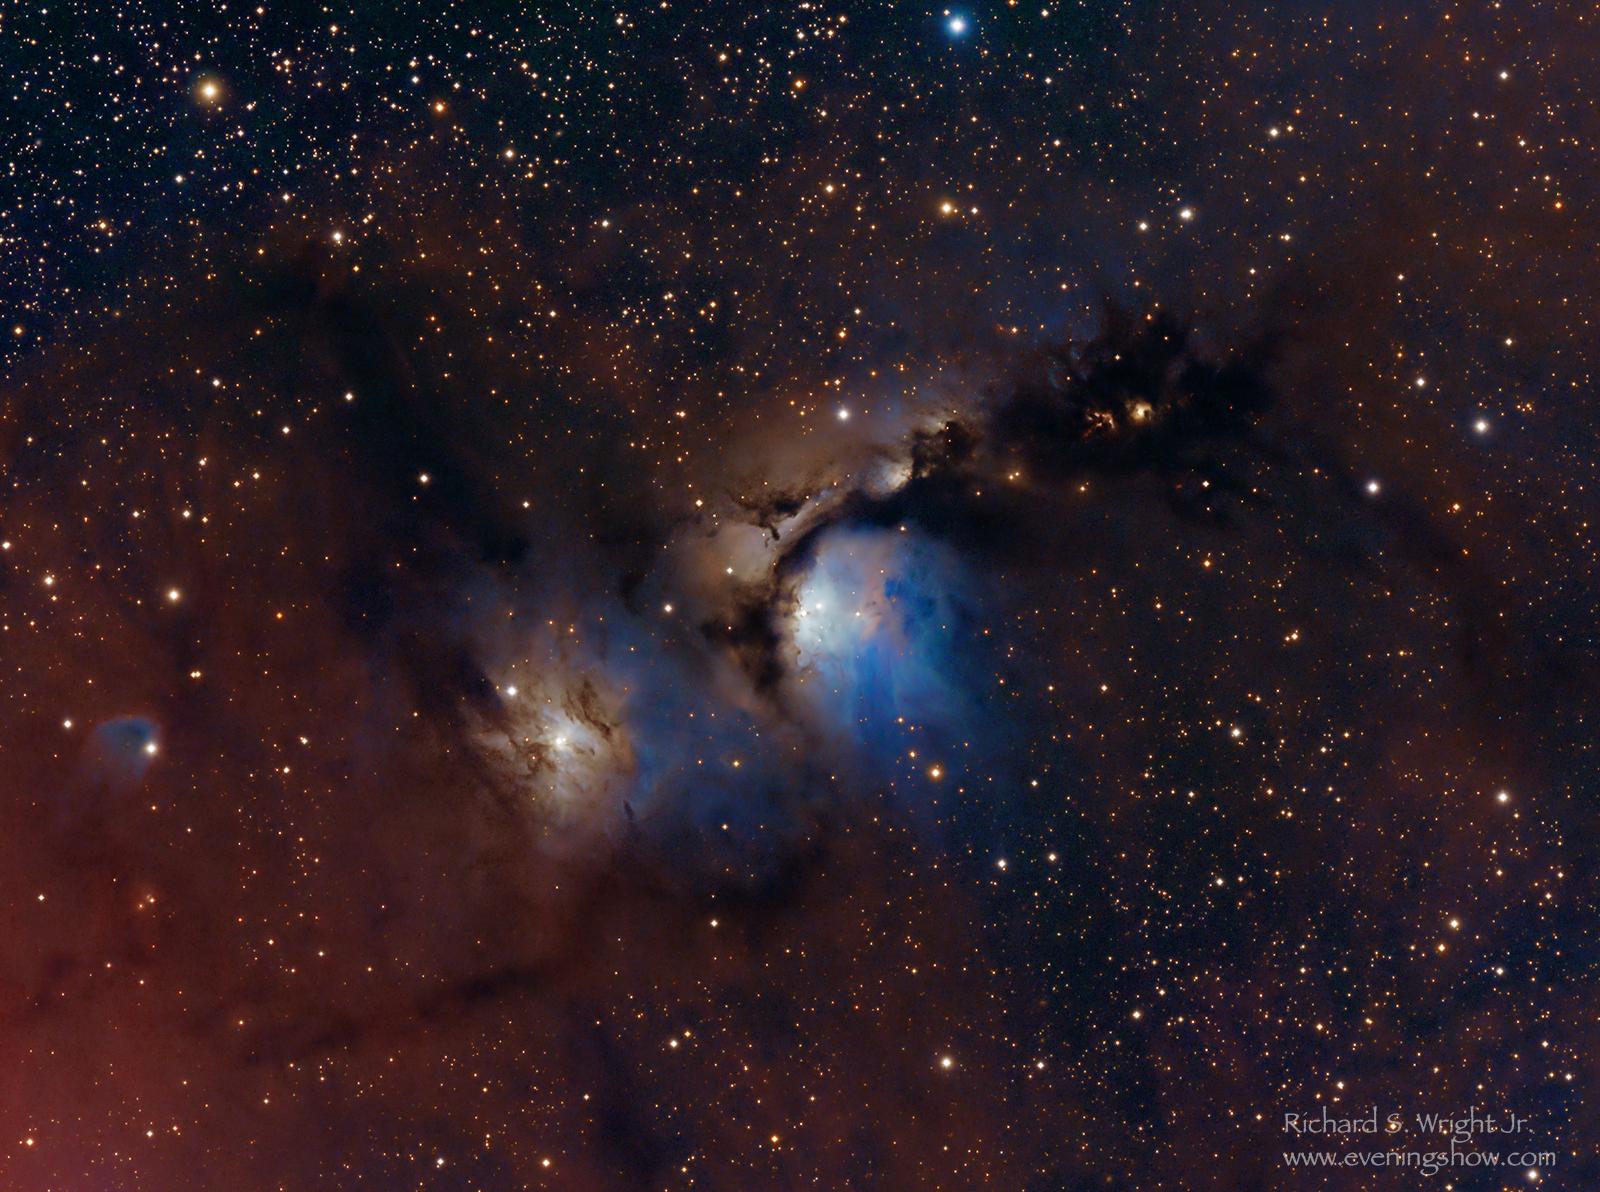 Image of M78